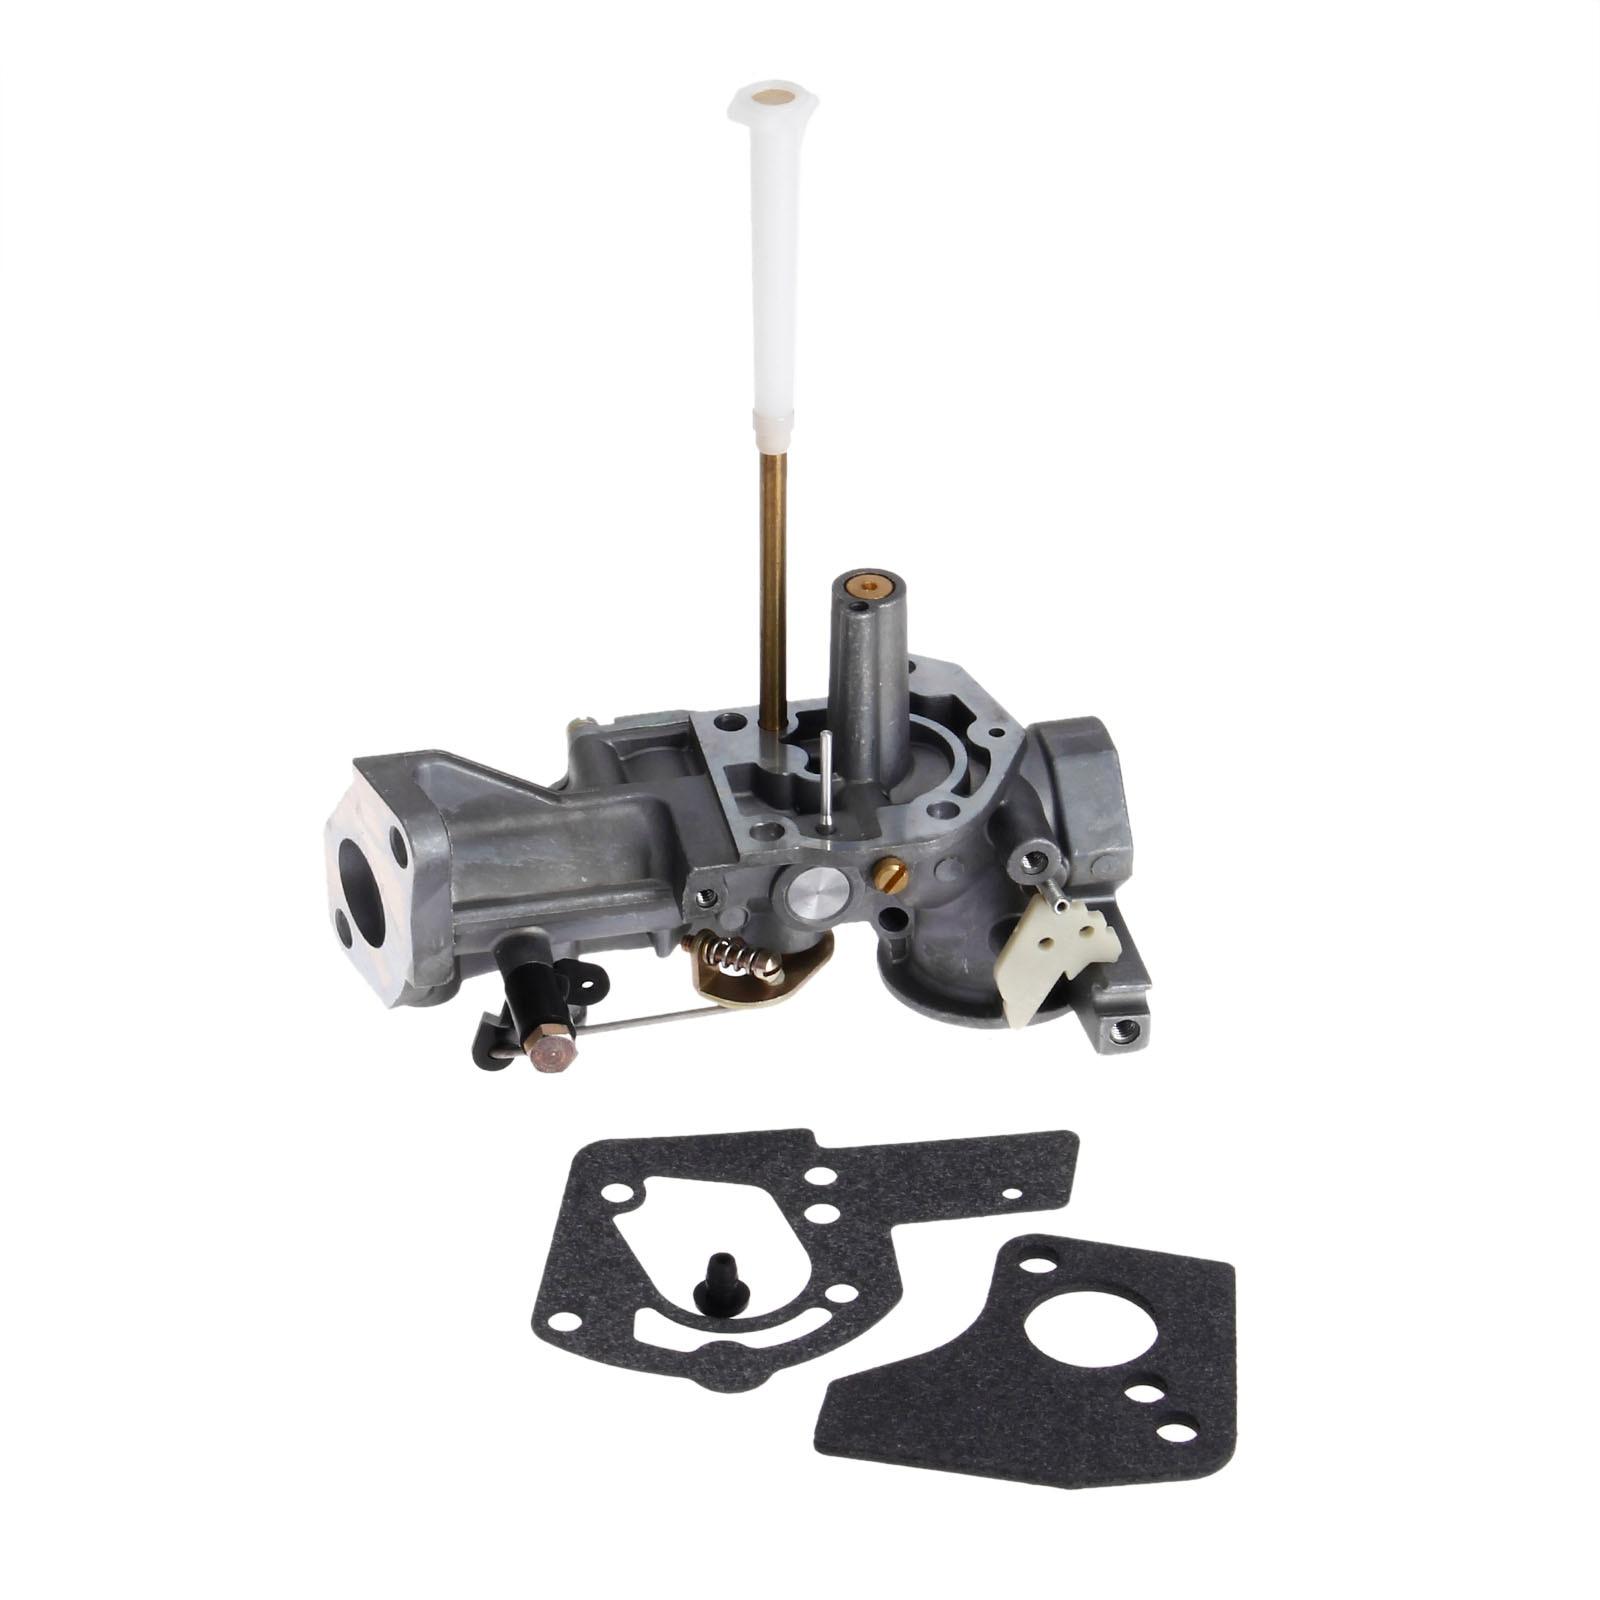 Kit Carburador Carboidratos para Briggs Stratton Motores 5HP DRELD 498298 495426 692784 495951 de Carboidratos